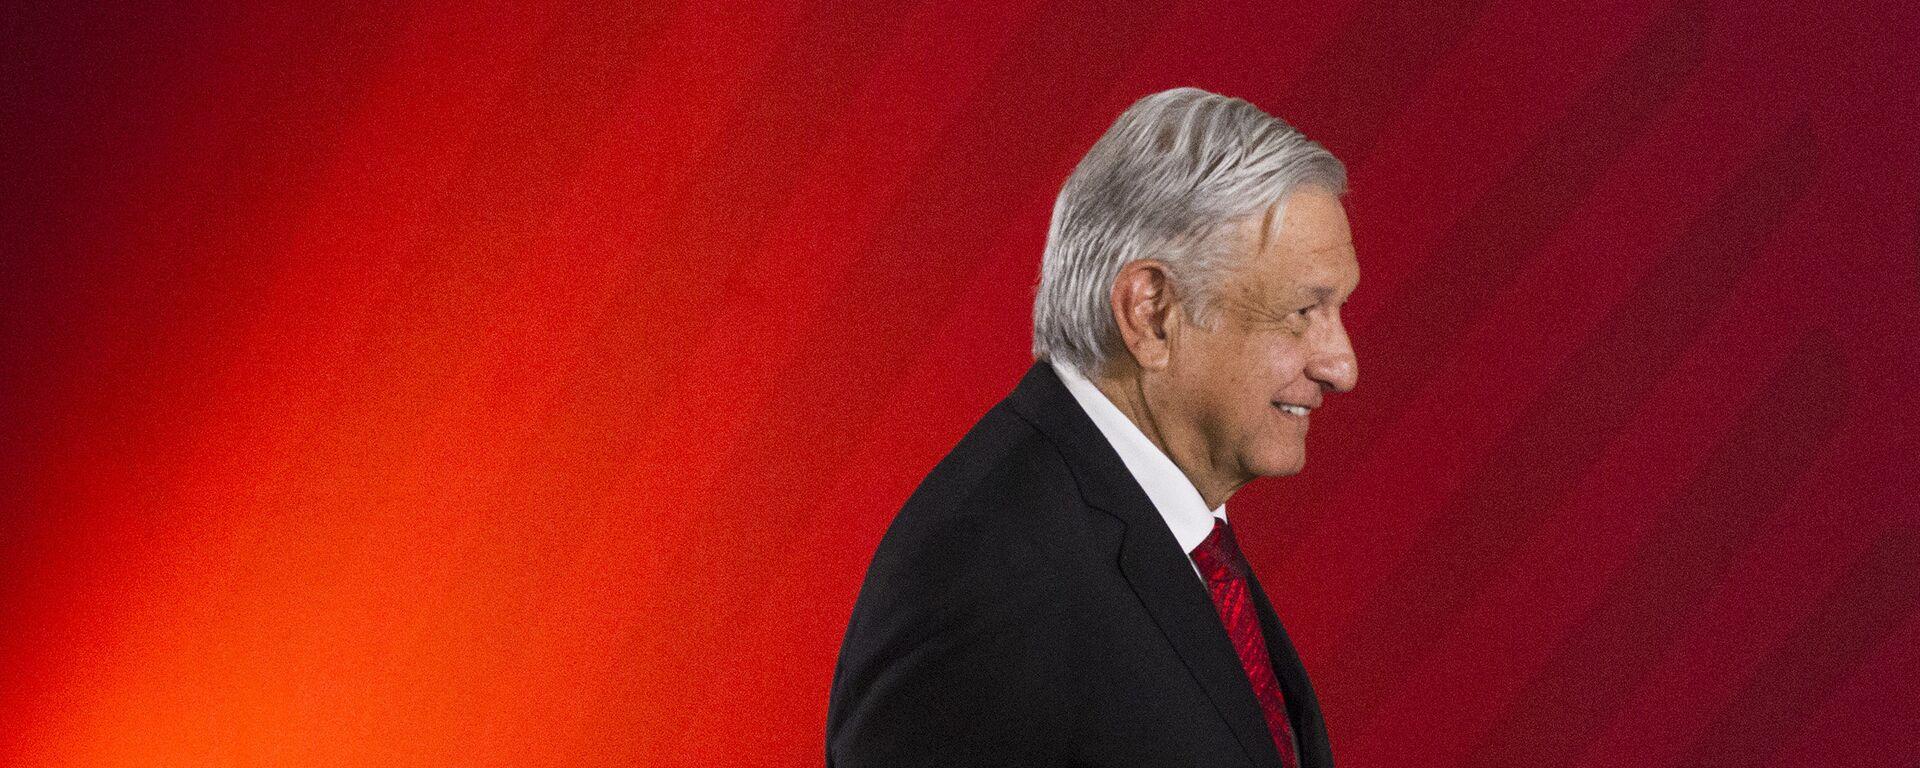 Andrés Manuel López Obrador, presidente de México - Sputnik Mundo, 1920, 03.08.2021